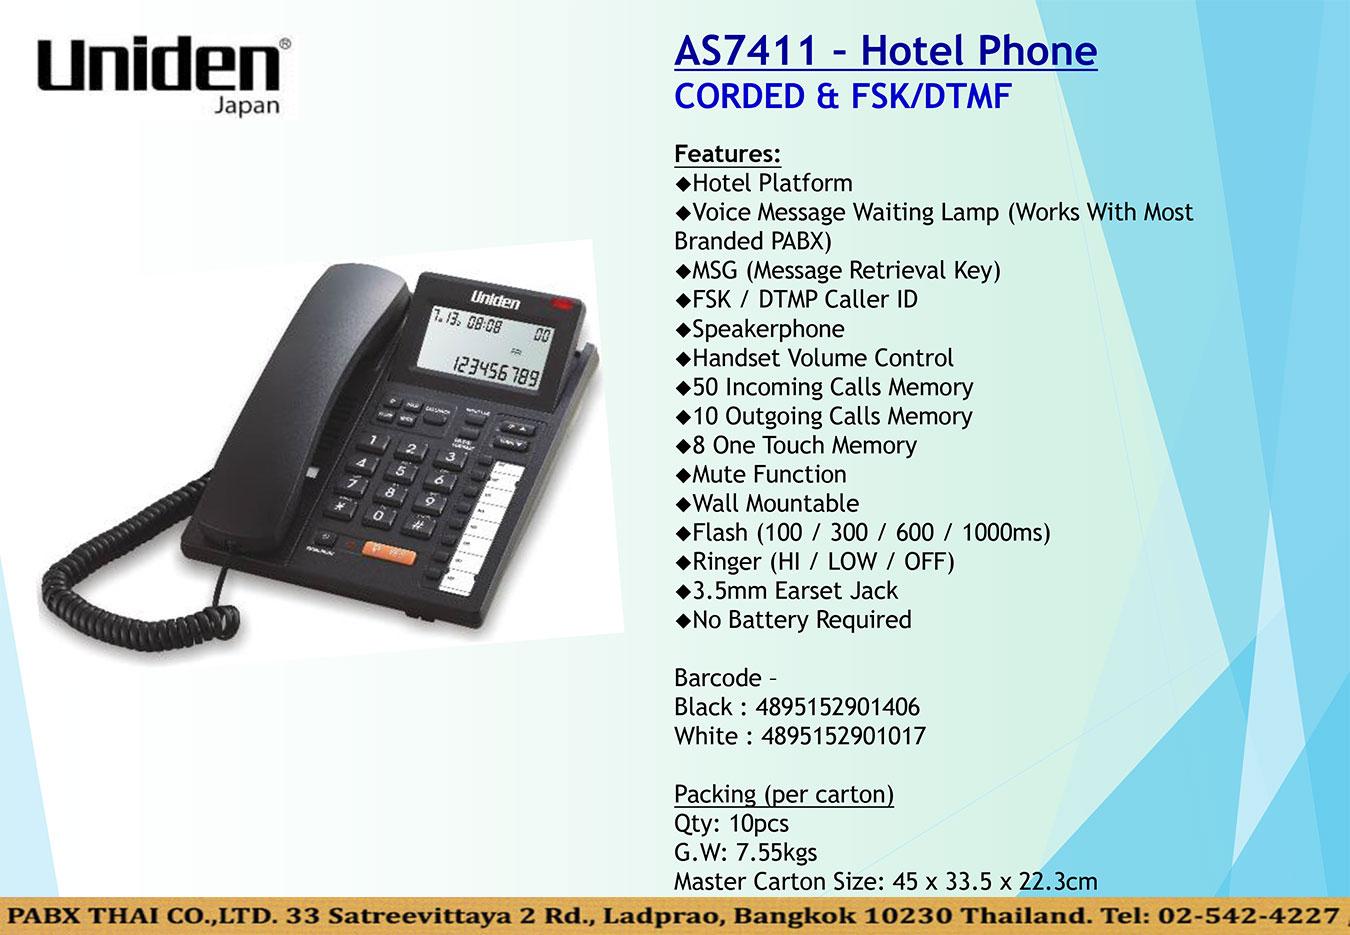 โทรศัพท์สายเดียว Single Line ยี่ห้อ Uniden รุ่น AS7411